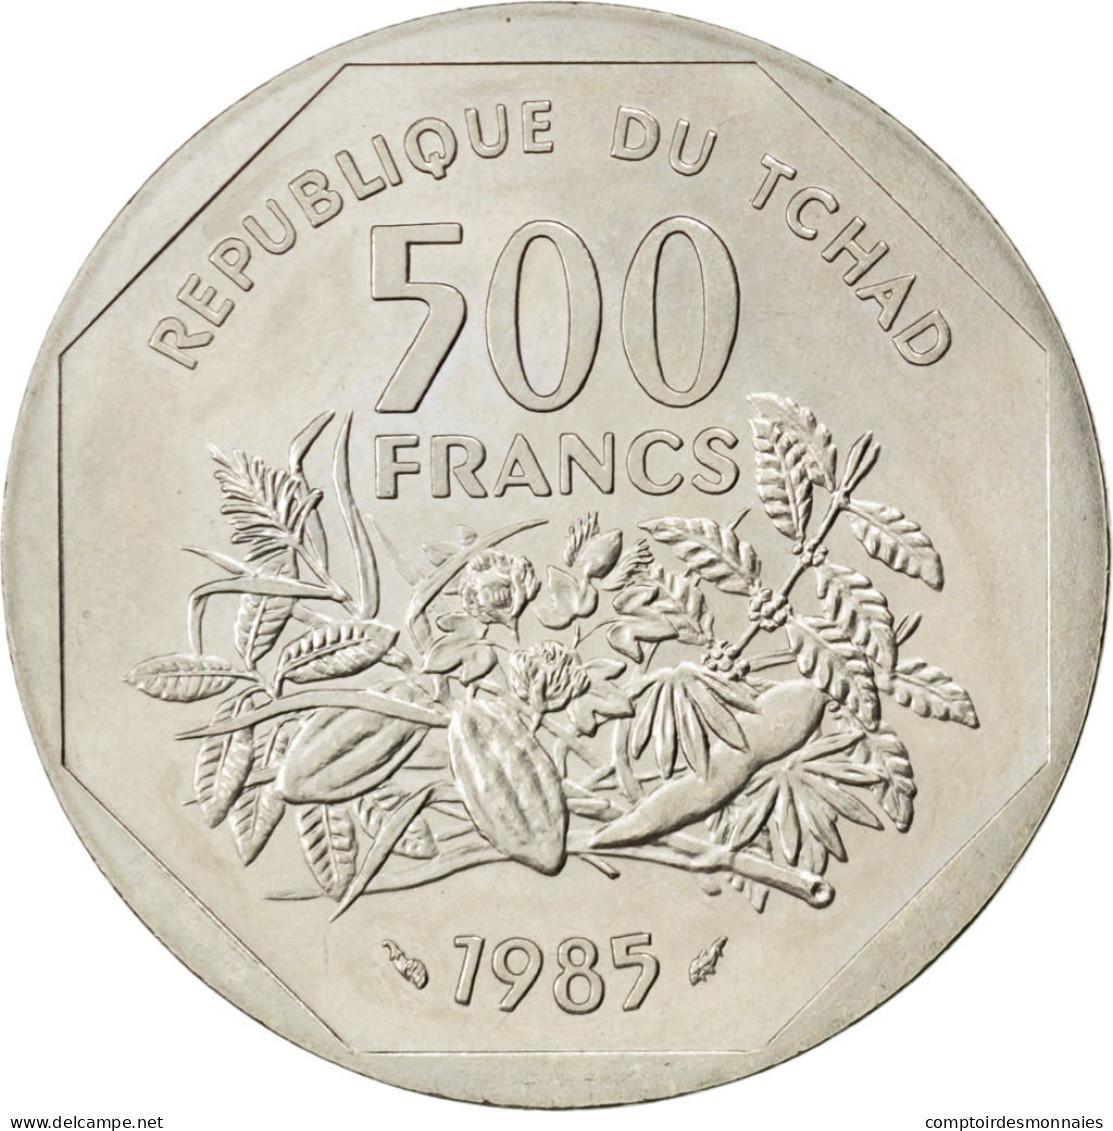 [#83885] Tchad, République, 500 Francs 1985 Essai, KM E6 - Tchad